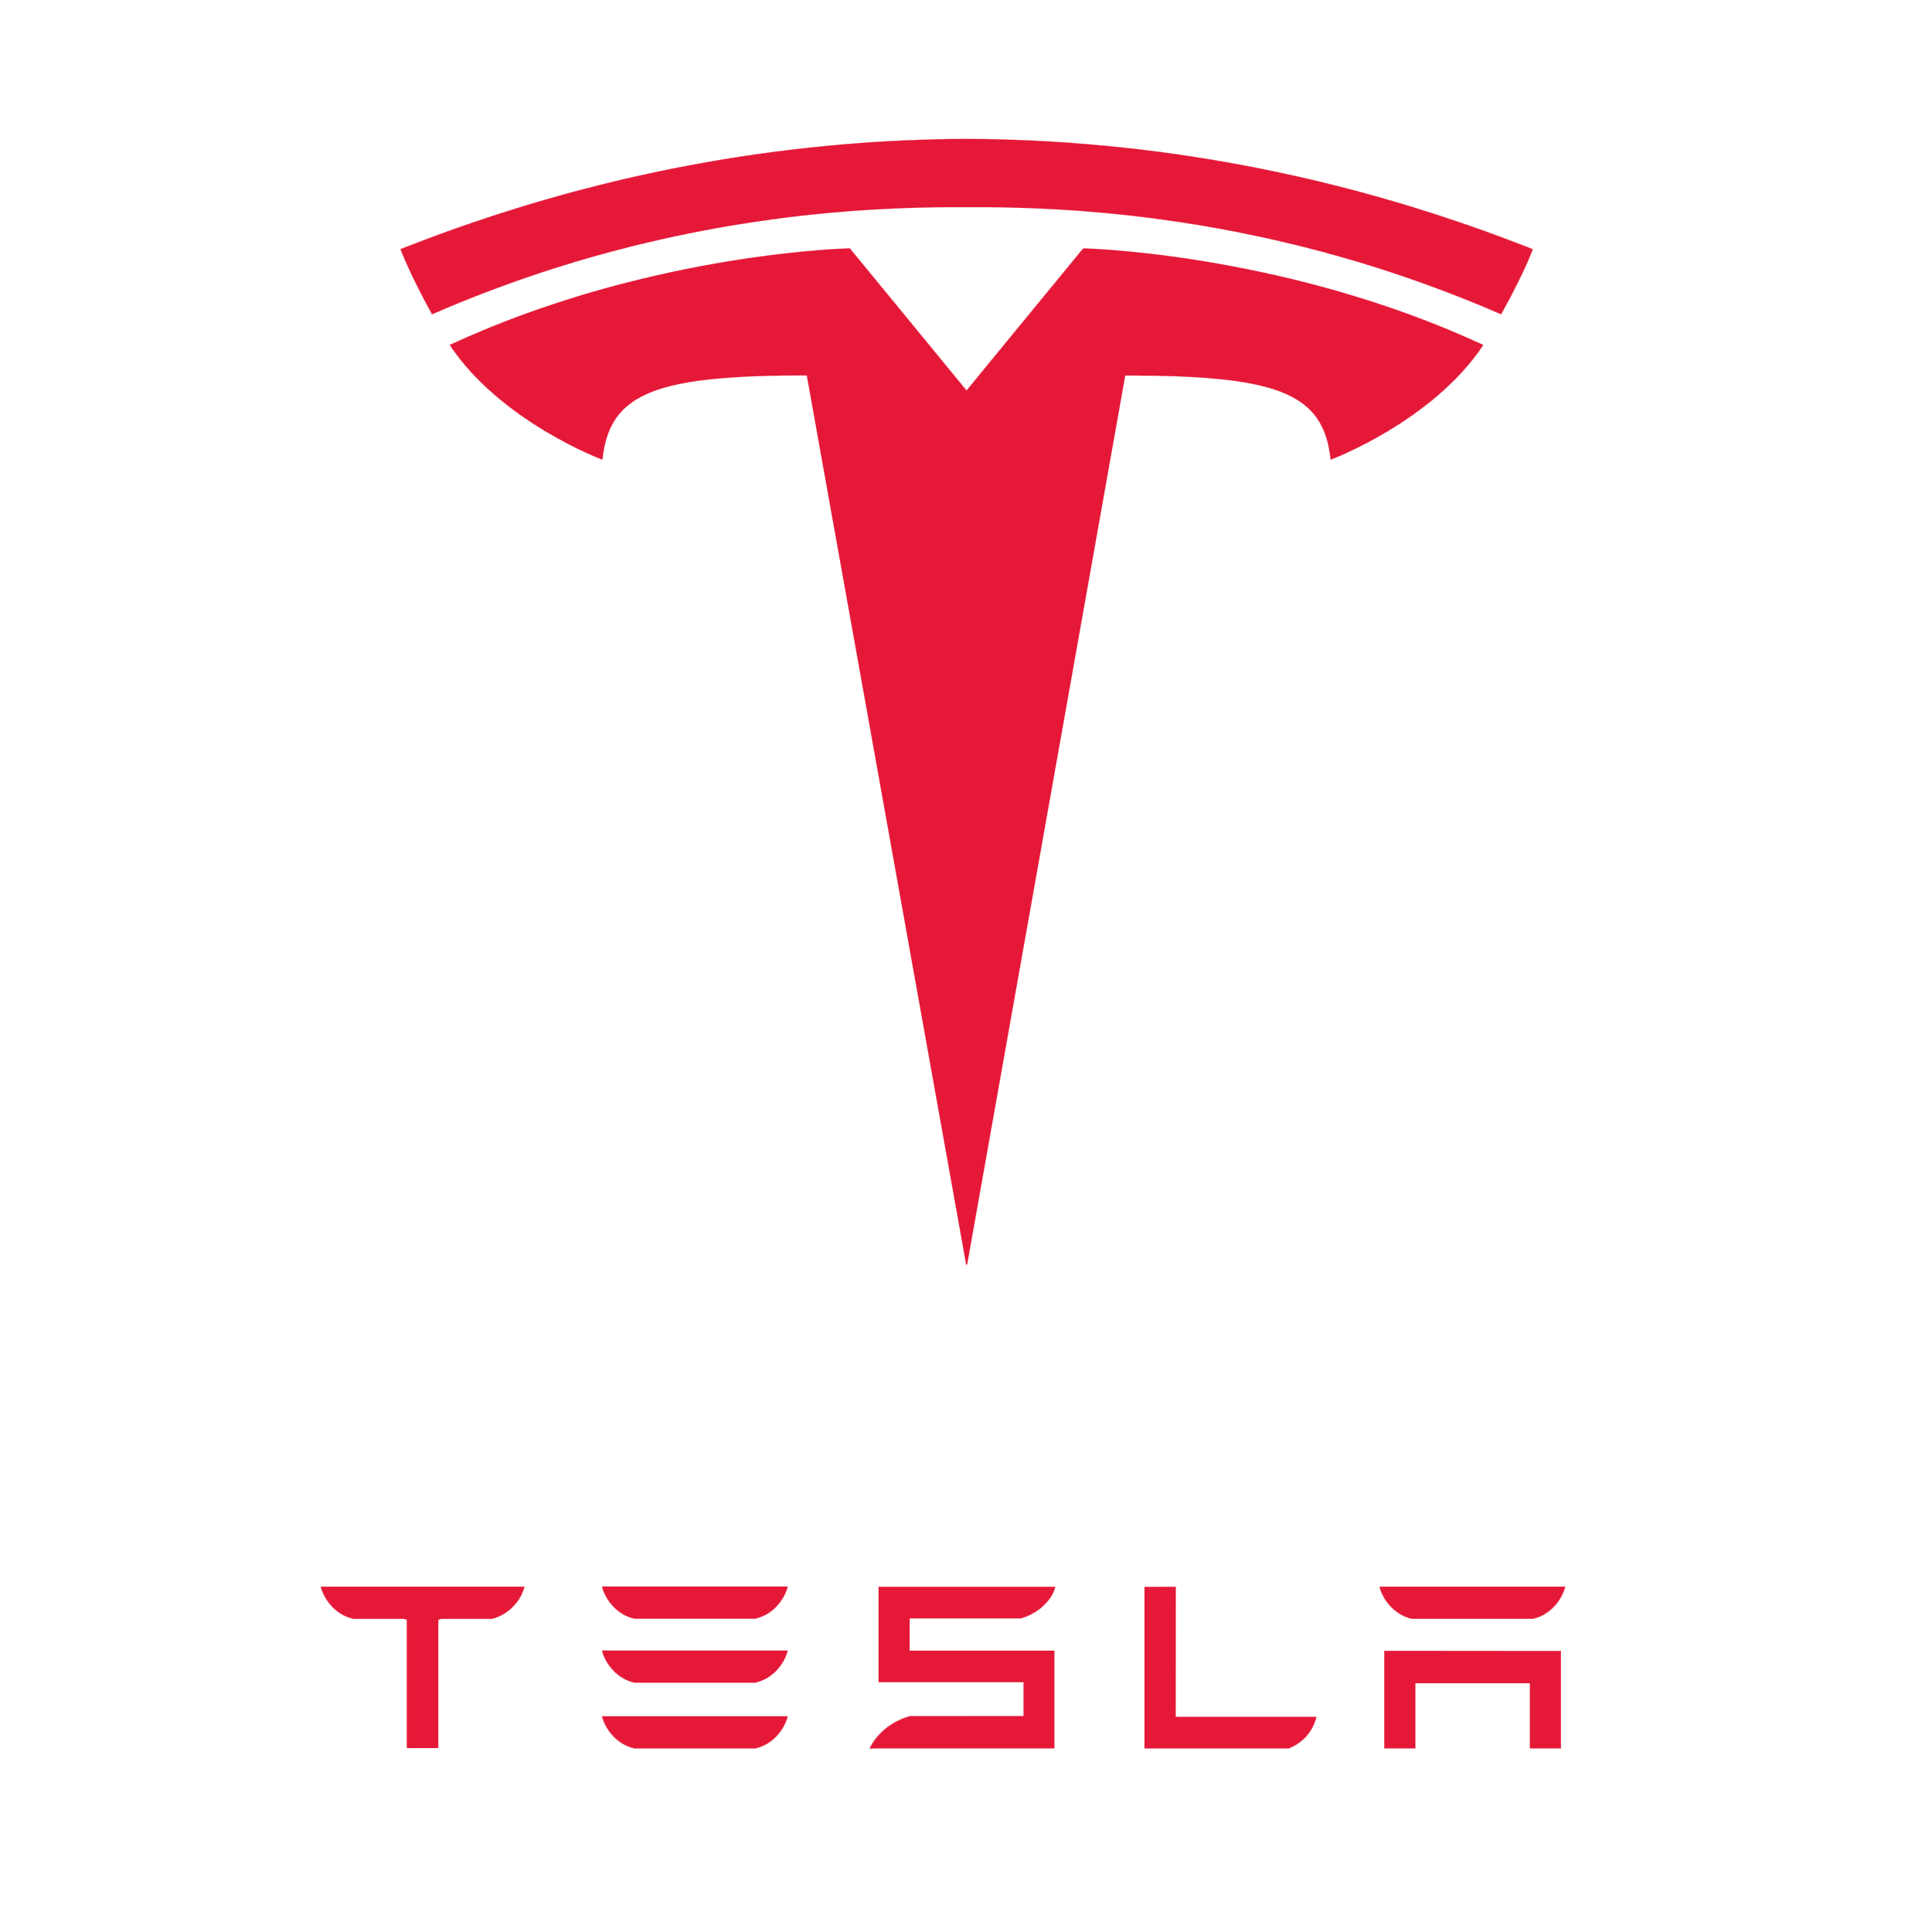 File:Tesla logo.png - Wikipedia